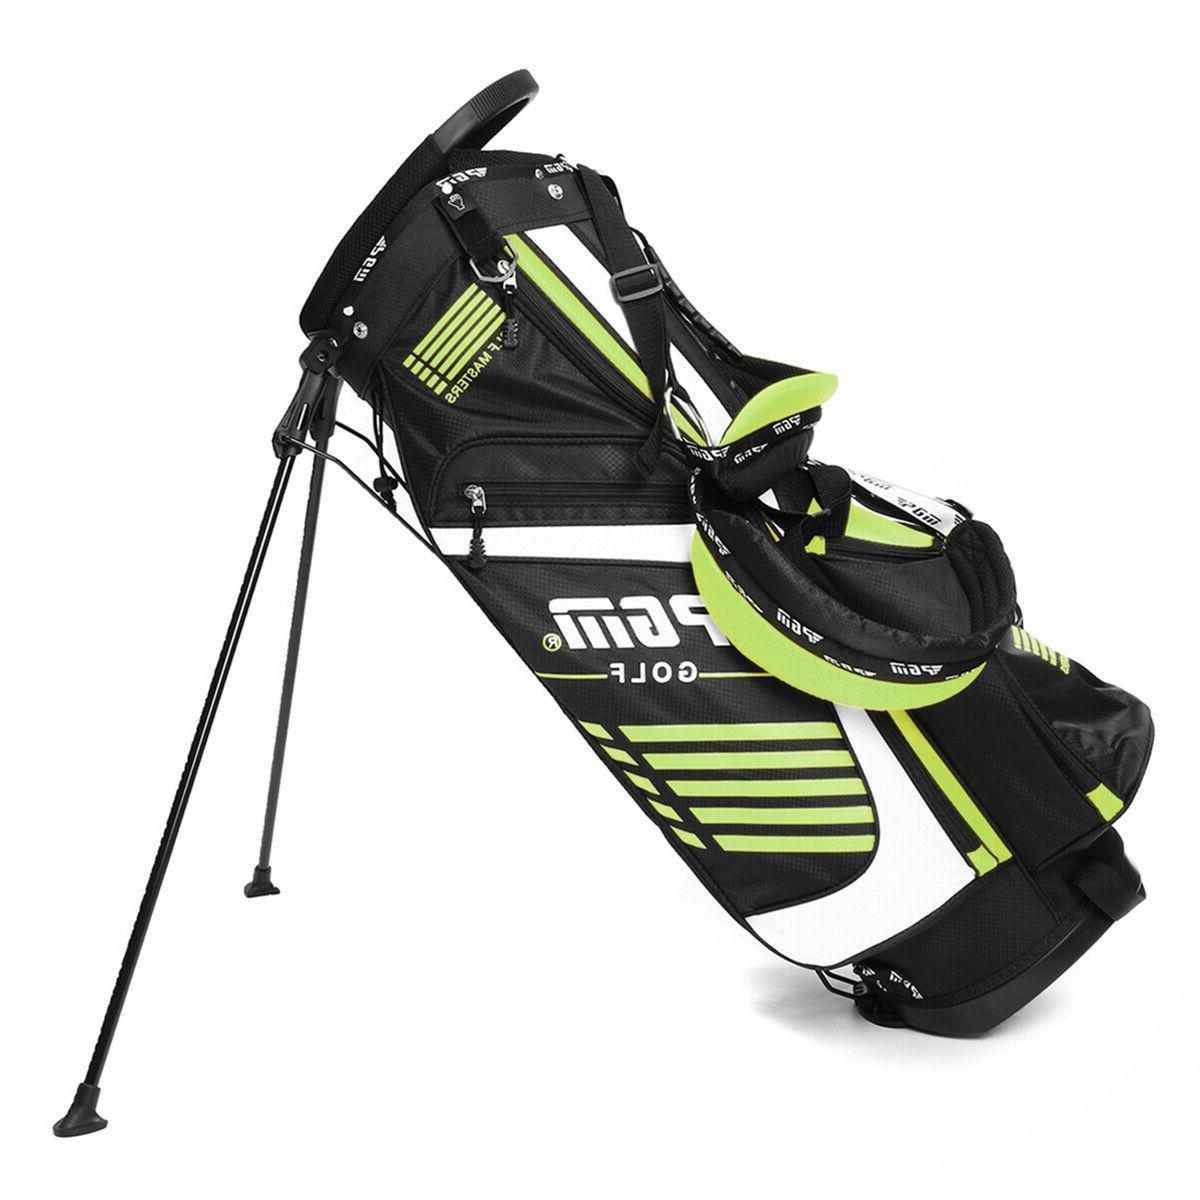 14 Way Full Length Divider Golf Bag Multi Pockets